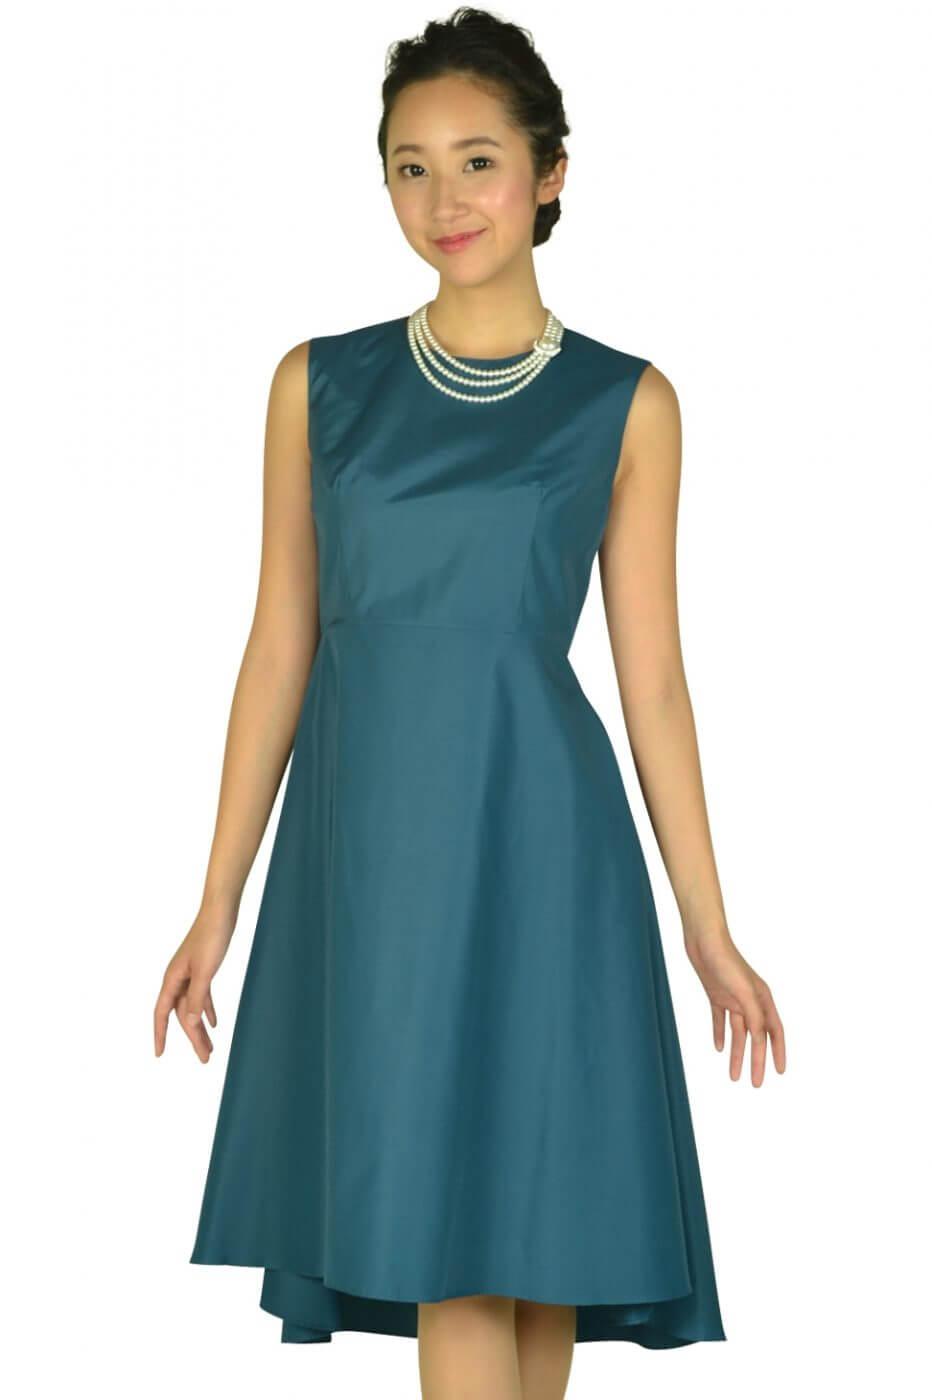 ダリアンスケリー(Dalliance Kelly)フィッシュテールスカートグリーンドレス